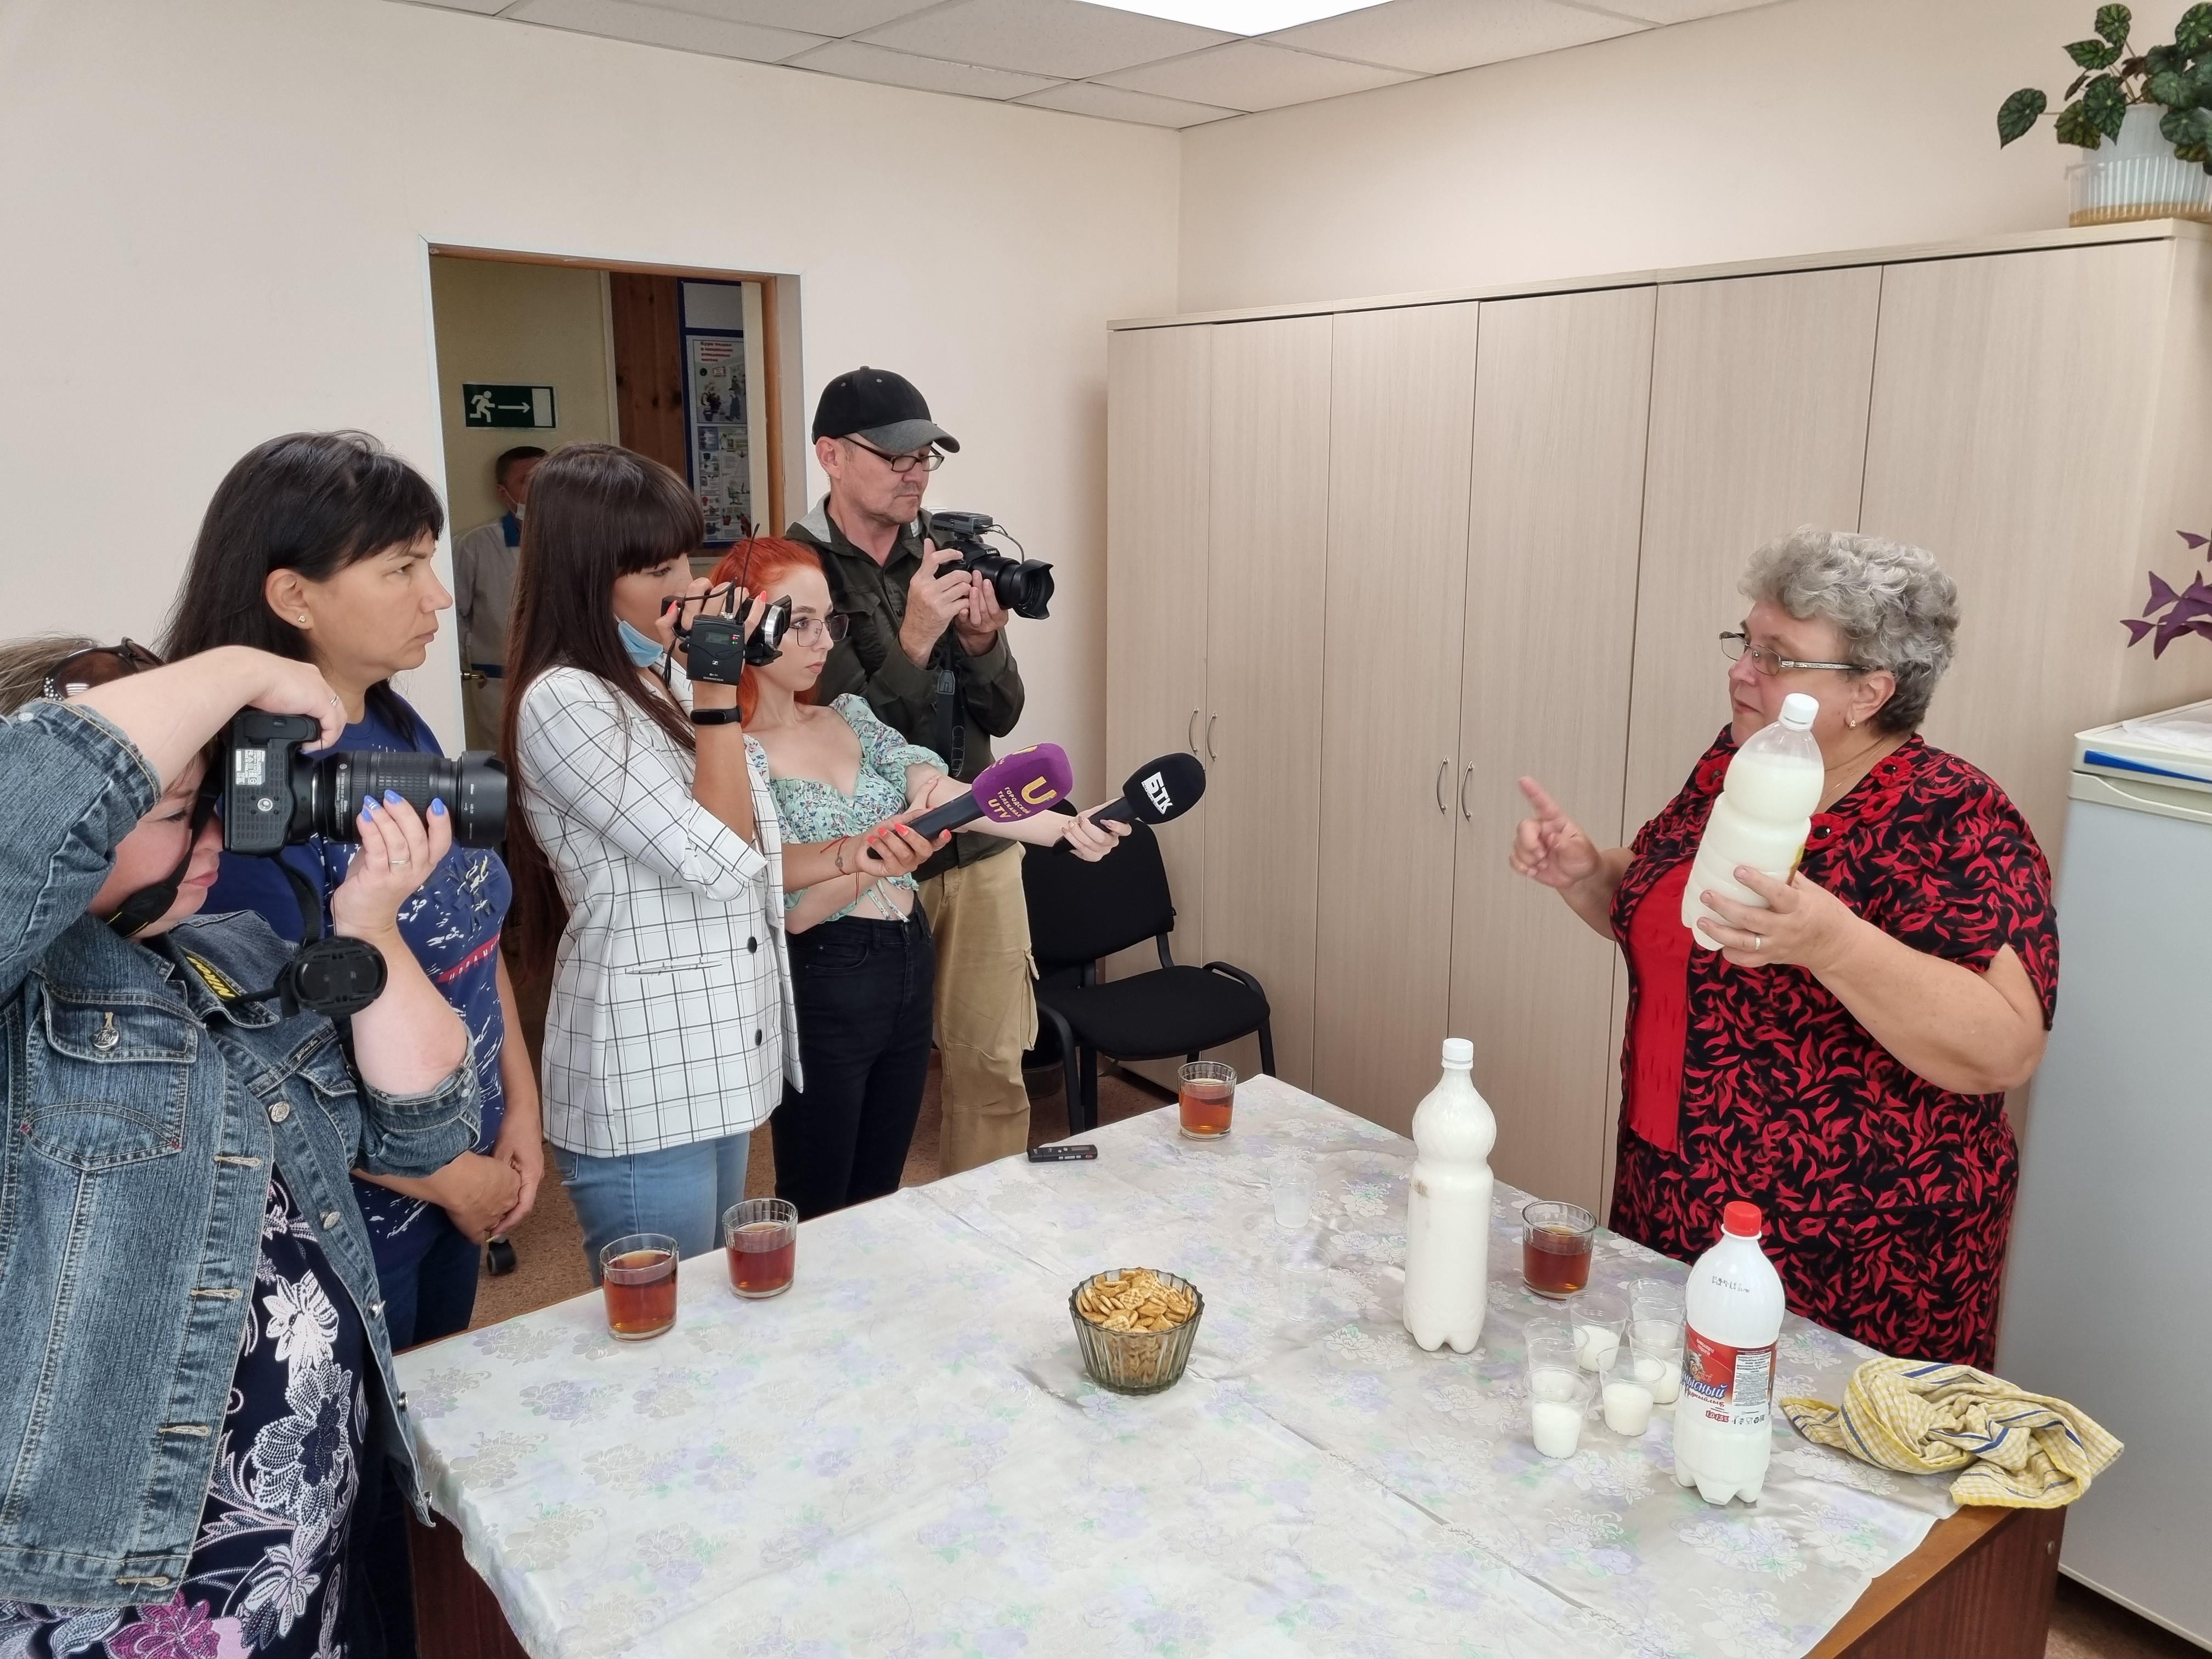 В Башкортостане сотрудники ЦСМ занимаются потребительским просвещением